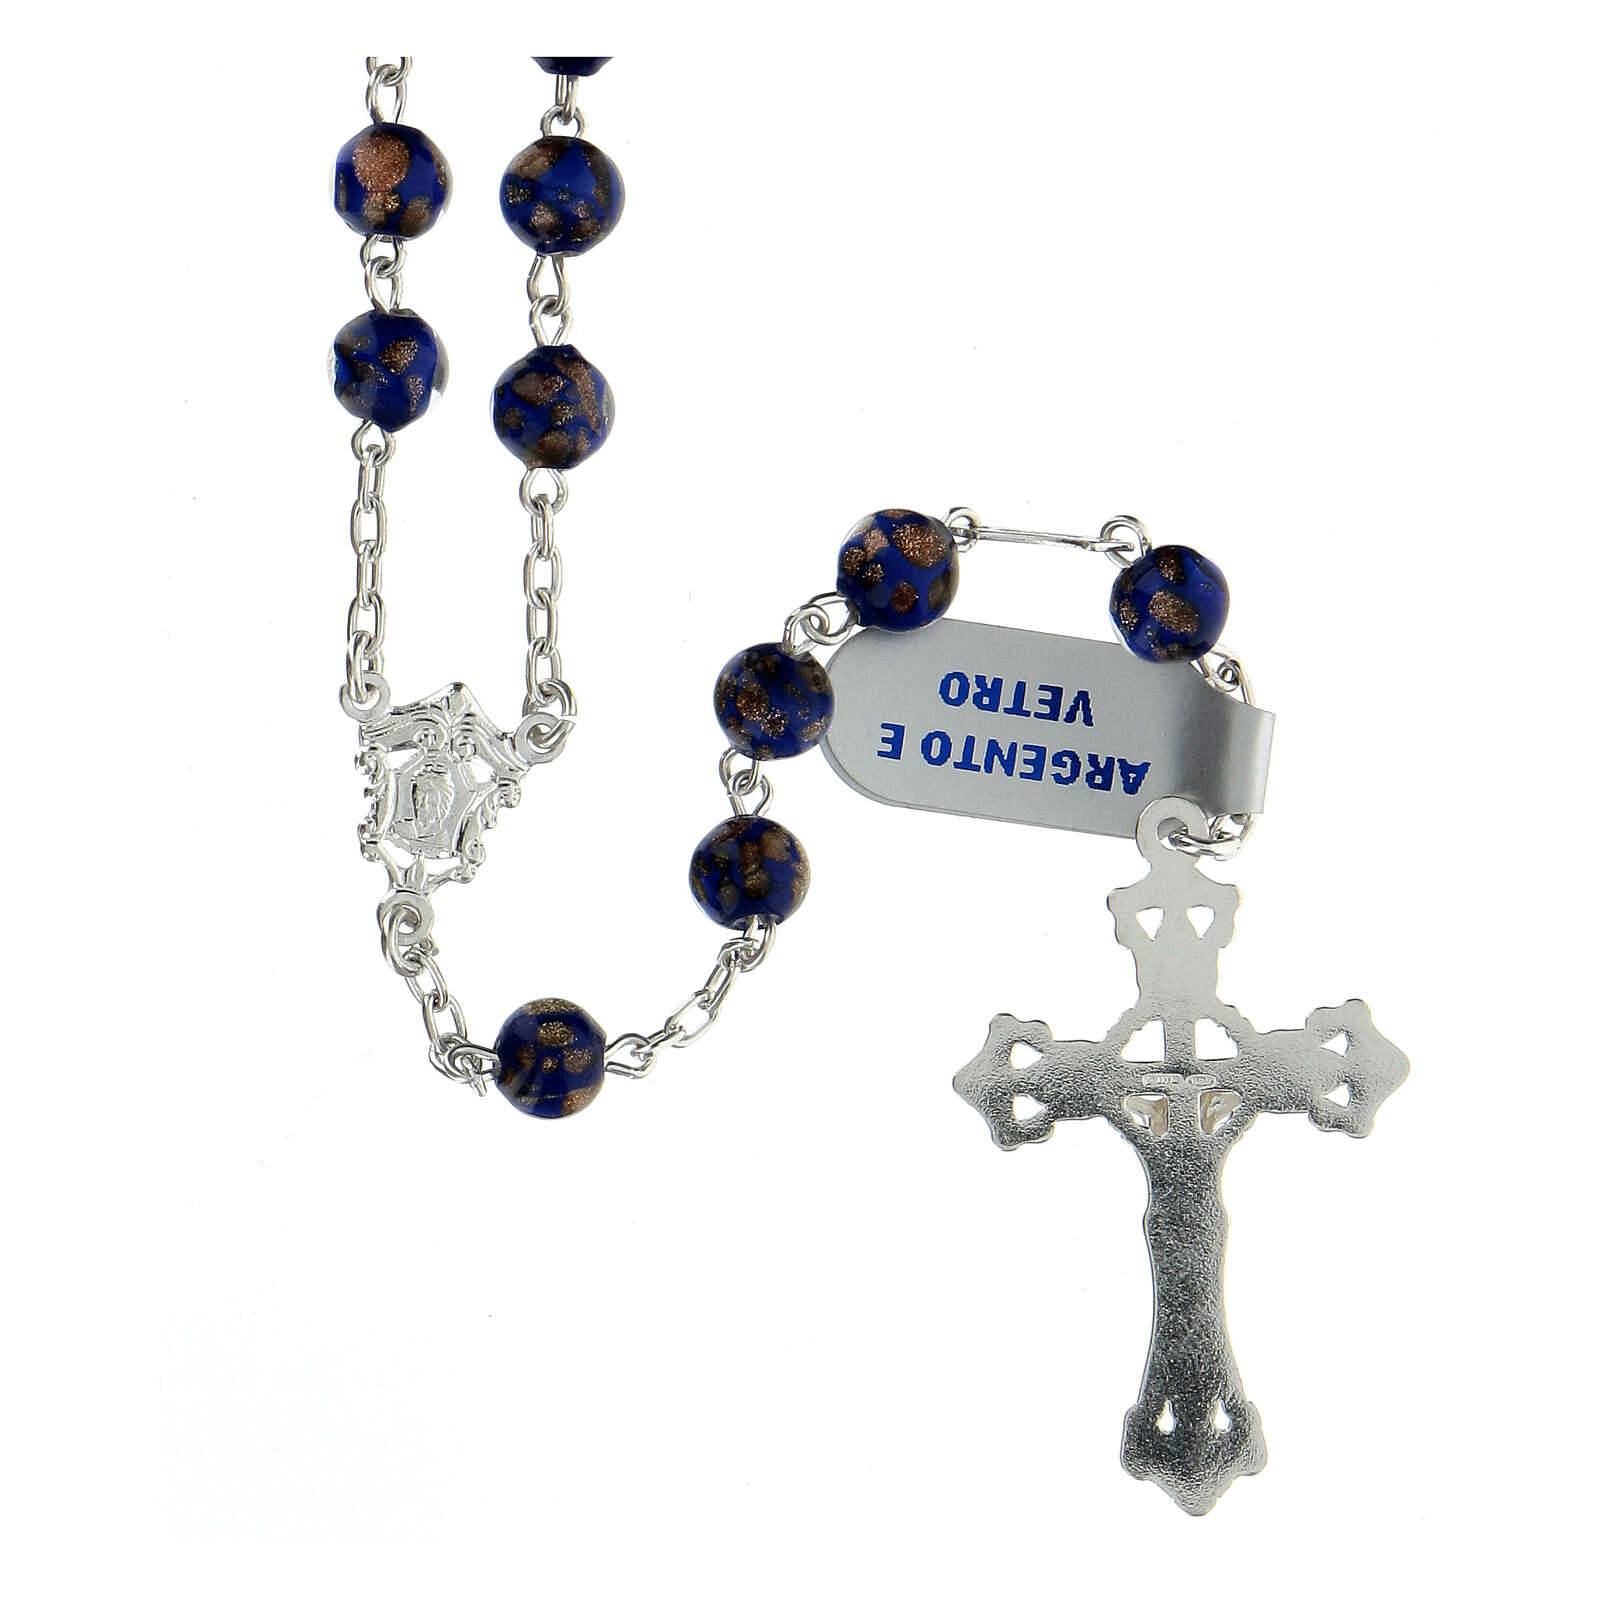 Terço prata 925 contas de vidro 6 mm azul e ouro com crucifixo trilobado 4